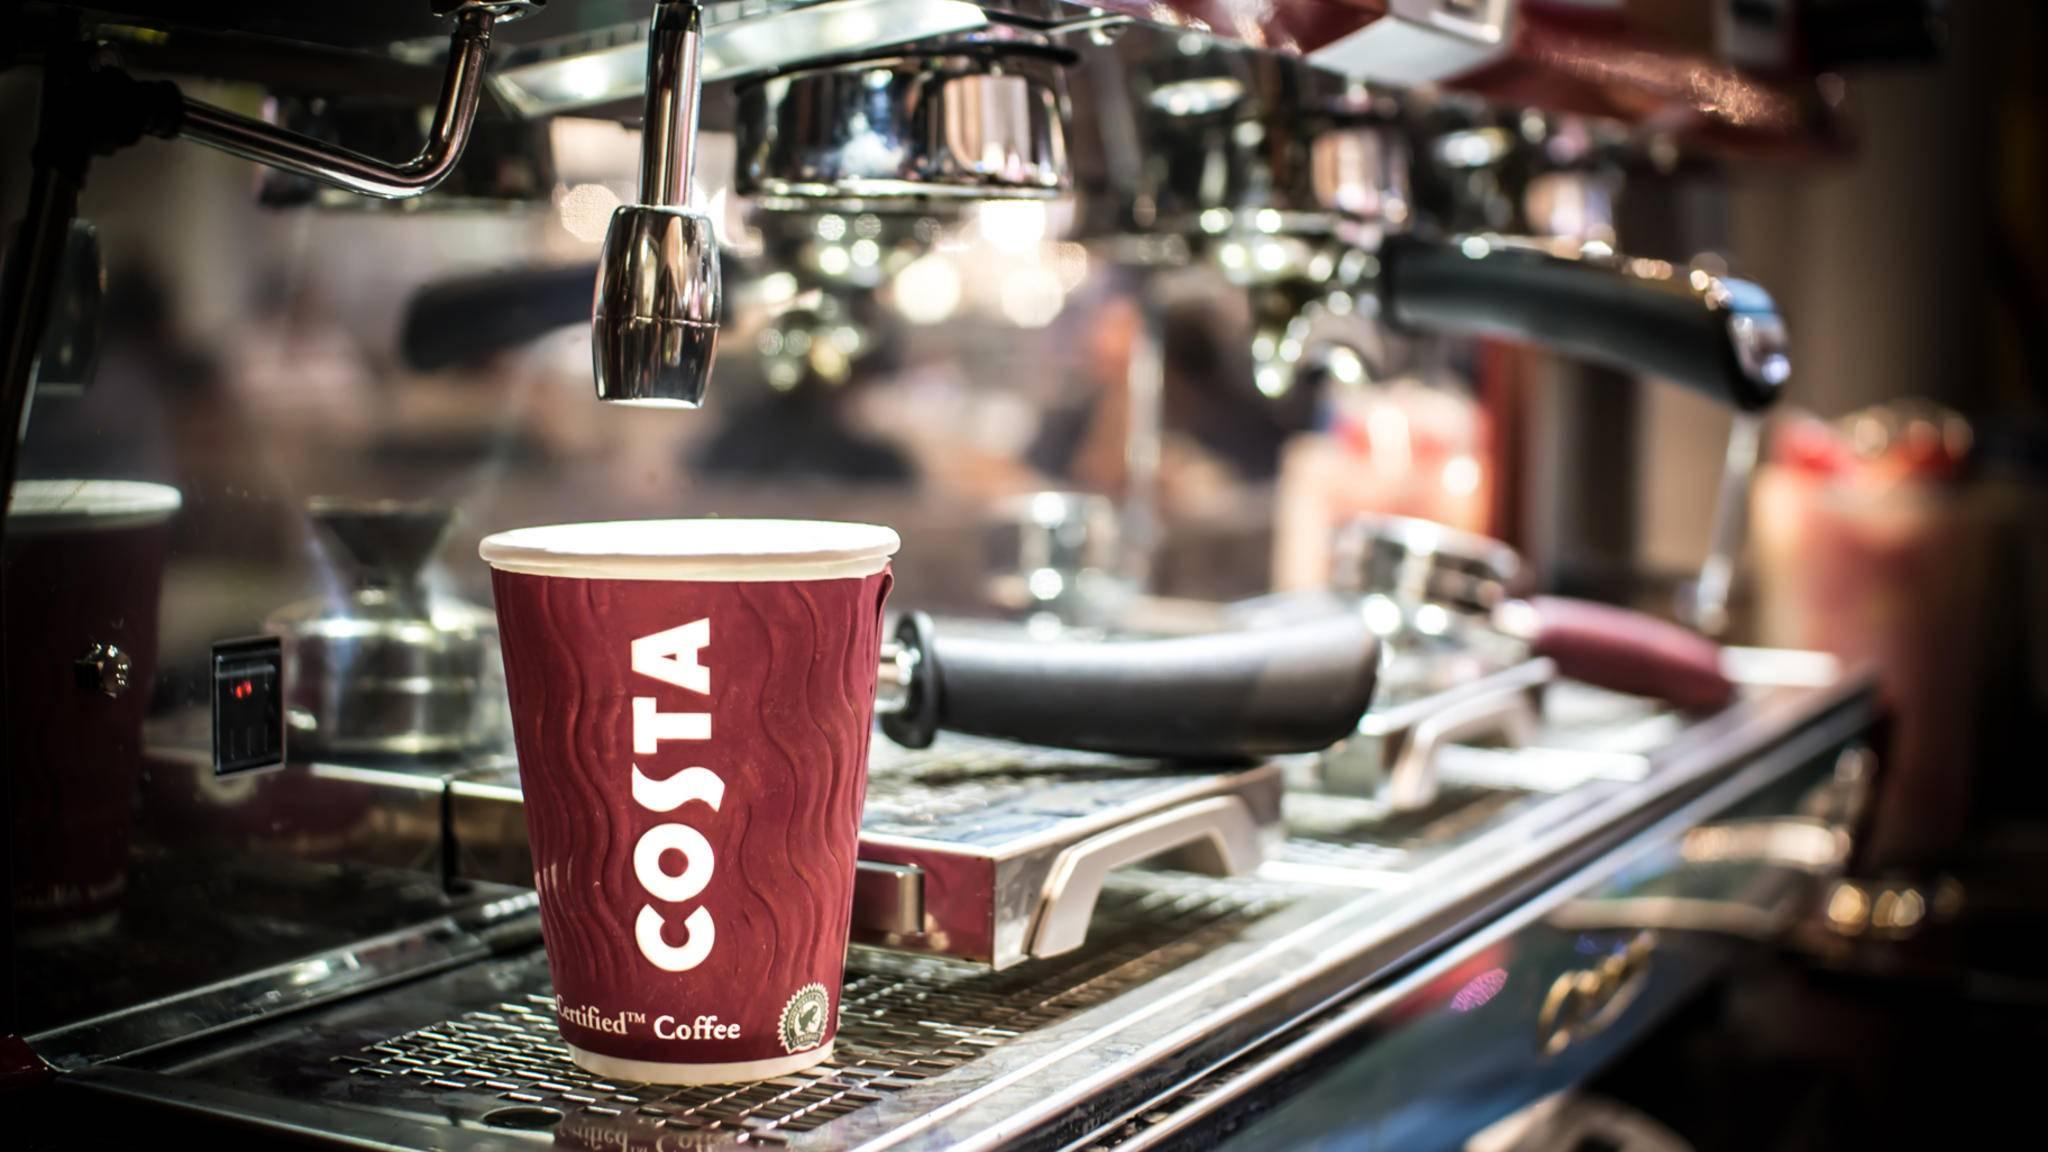 Die britische Kaffeehaus-Kette Costa Coffee bringt einen smarten Thermobecher an den Start.